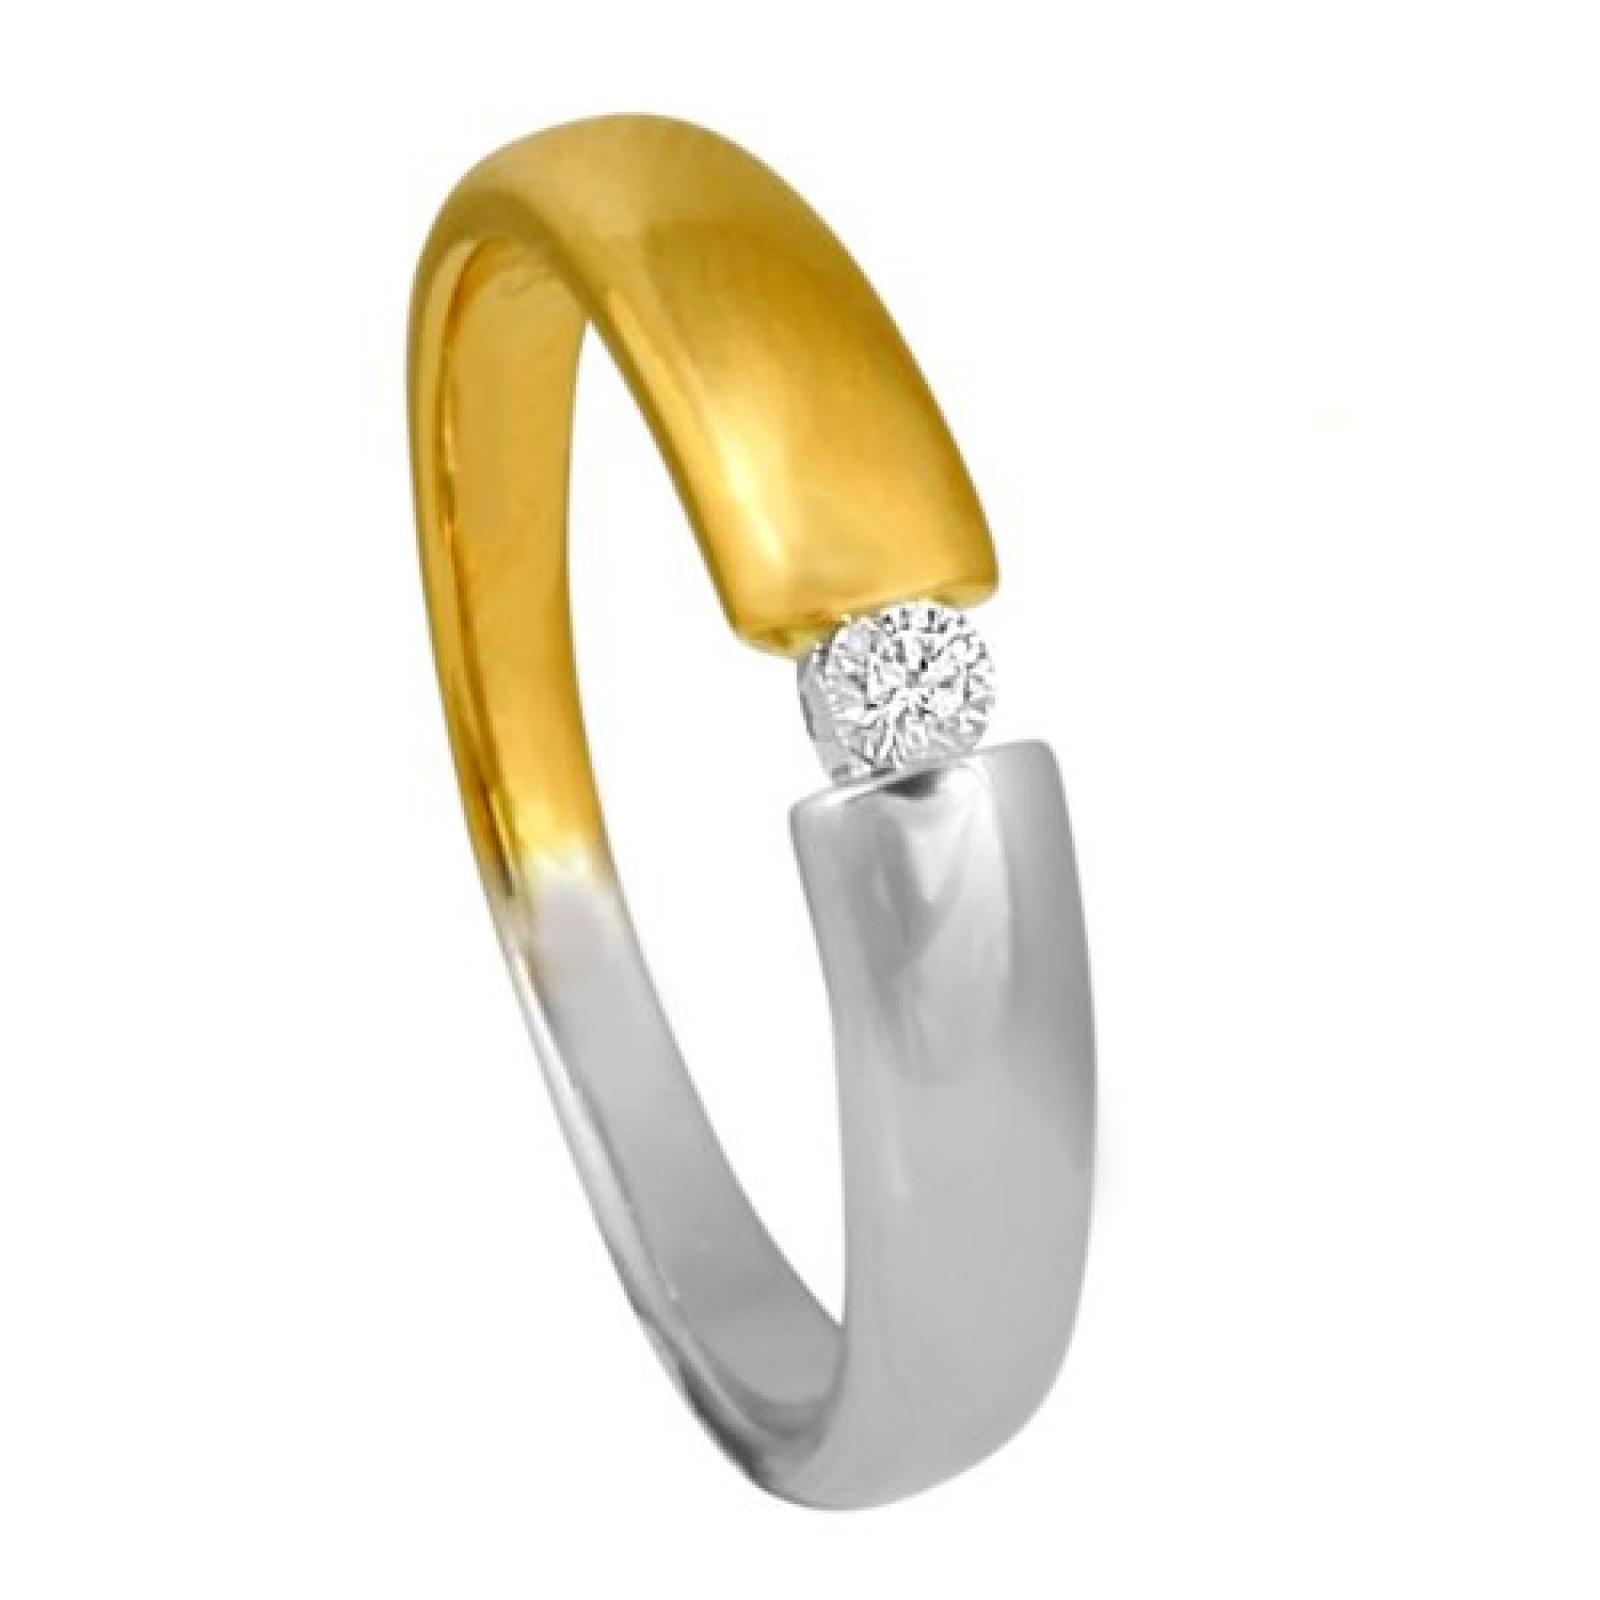 Bella Donna Damenring 585/000 Gelbgold Weißgold 1 Brillant 0,05ct. getöntes Weiß Lupenrein